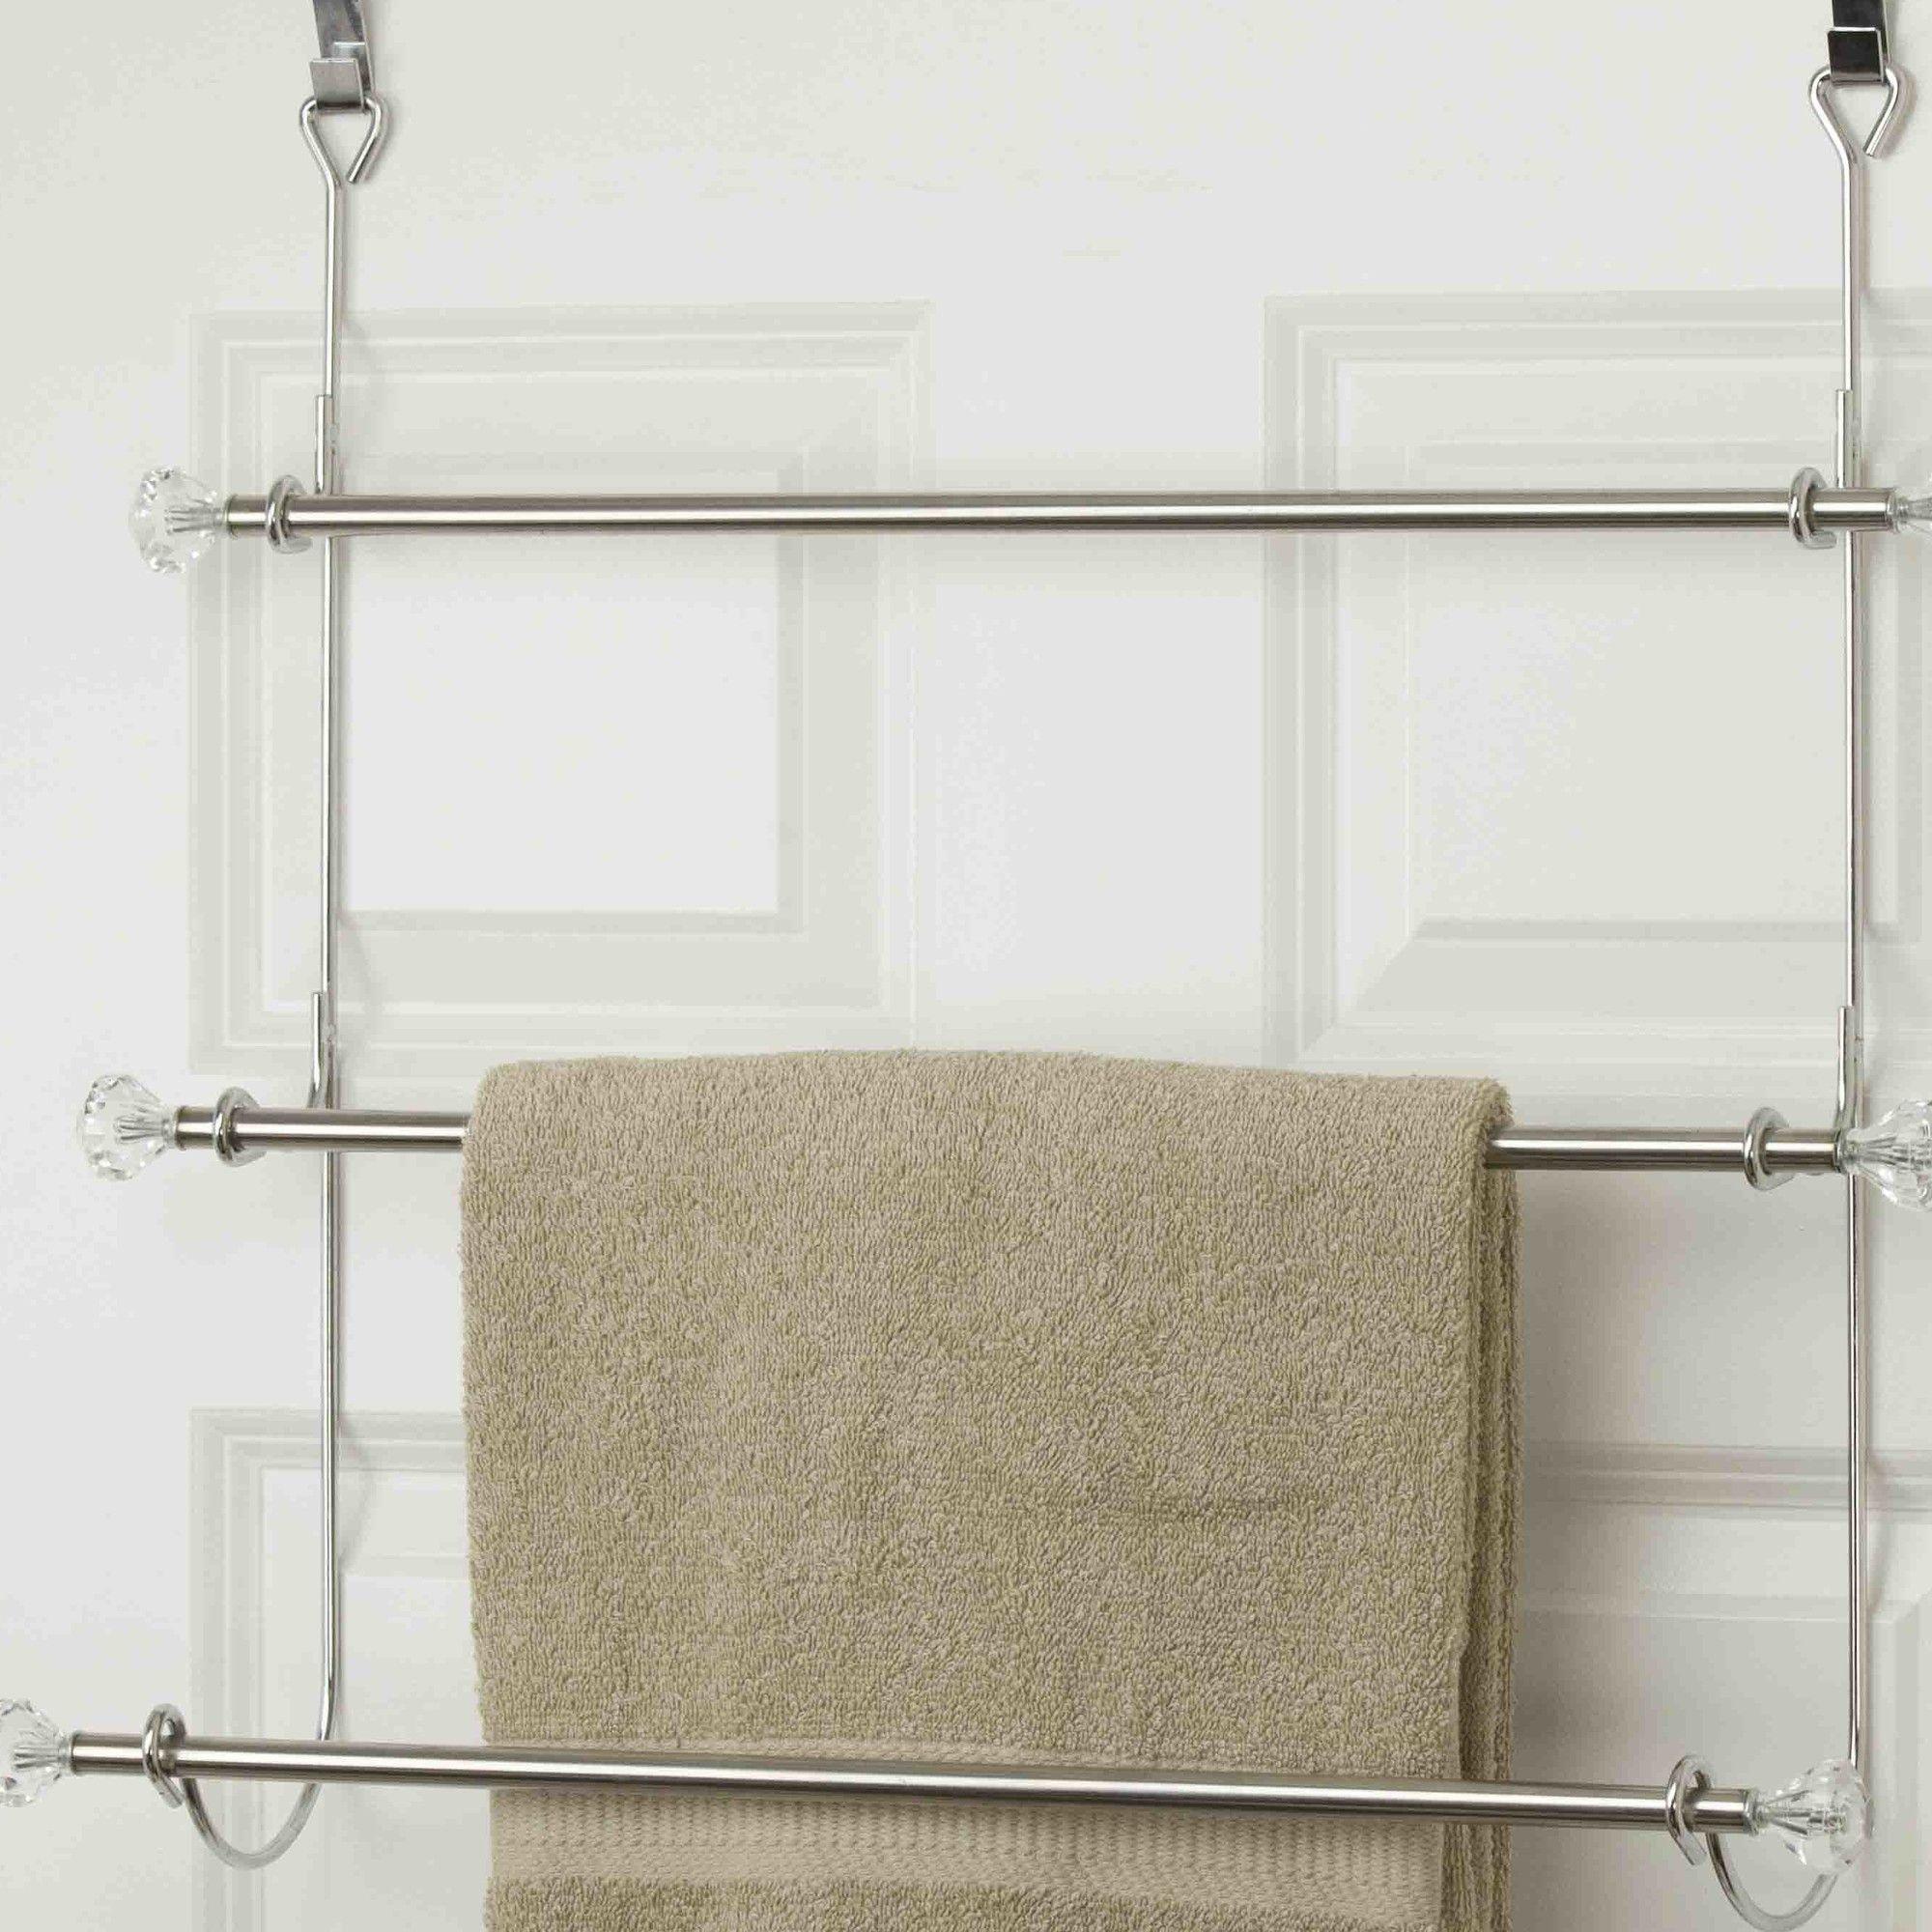 3 Tier Over the Door Towel Rack | Our new home! | Pinterest | Towels ...